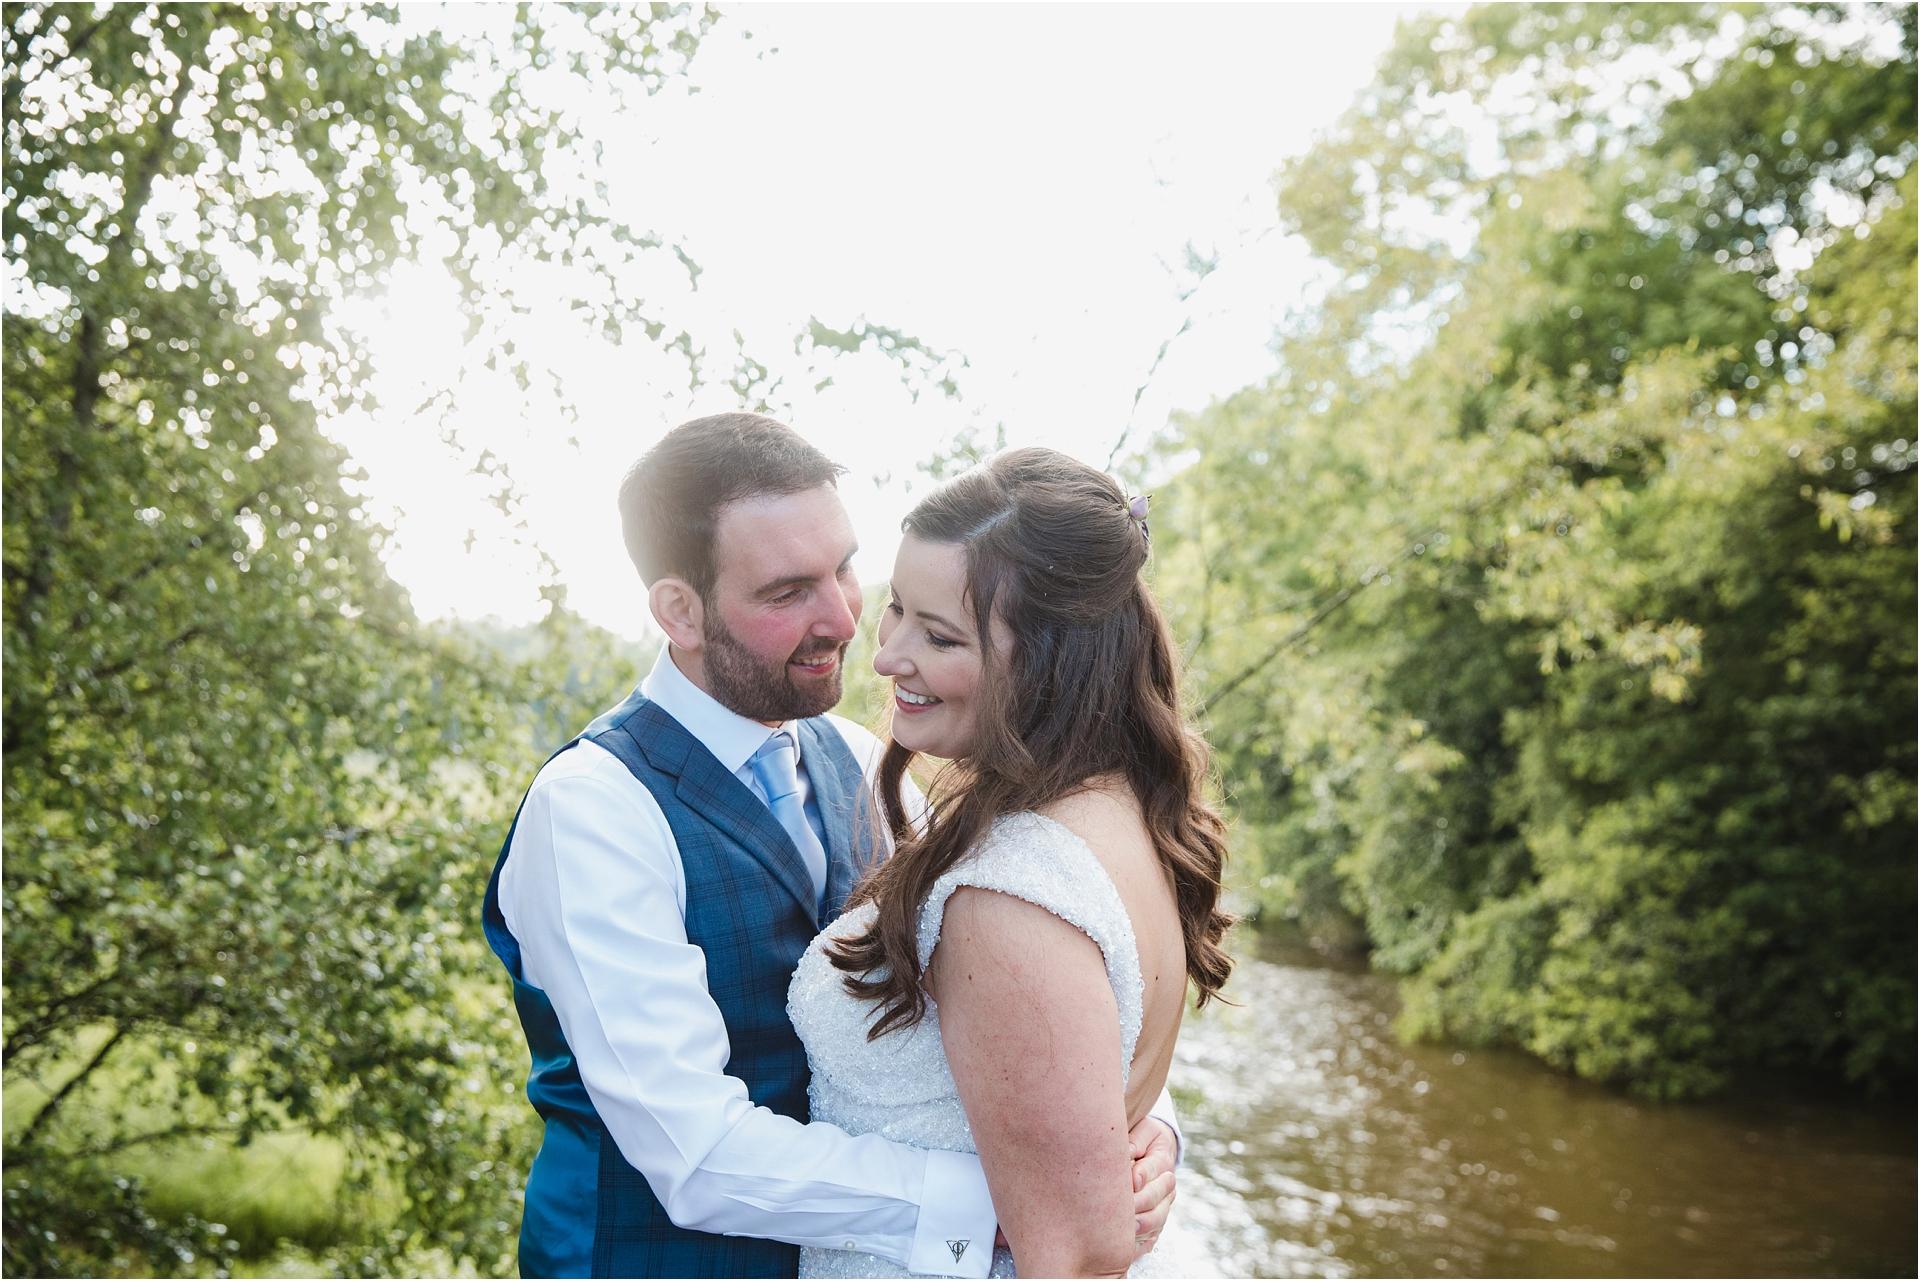 Haddon Hall Wedding photography